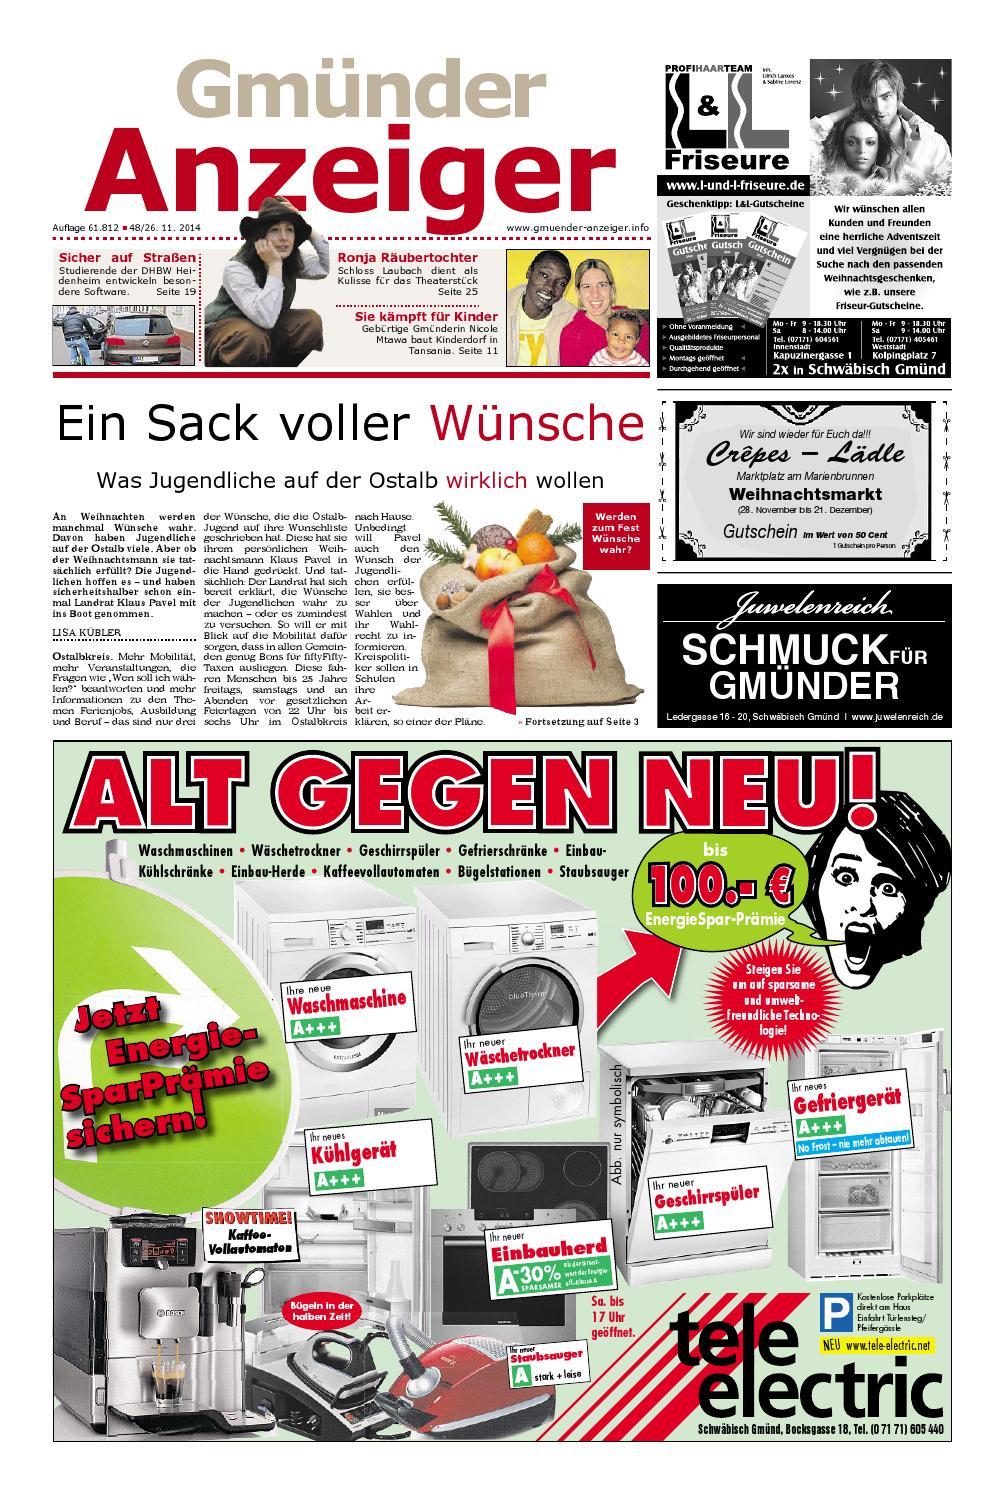 Der Gmünder Anzeiger - KW 48 by Wolfram Daur - issuu